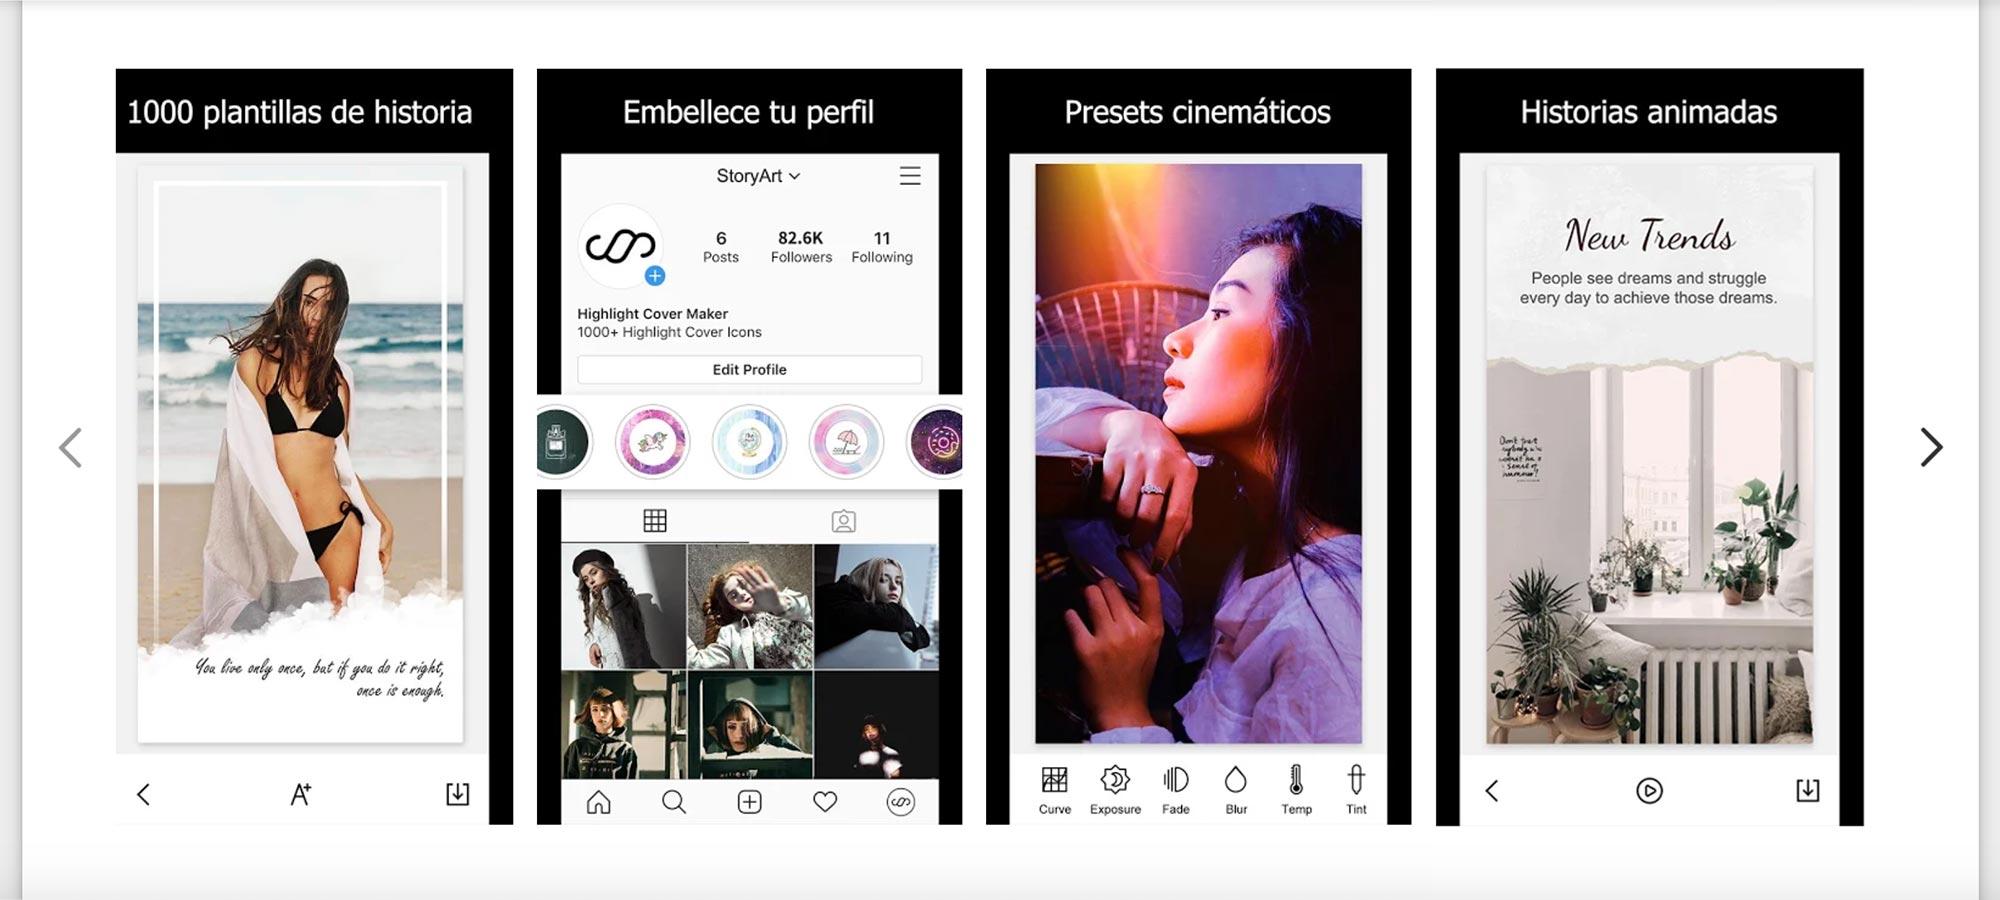 Cómo vender en Instagram. Story Art Opciones